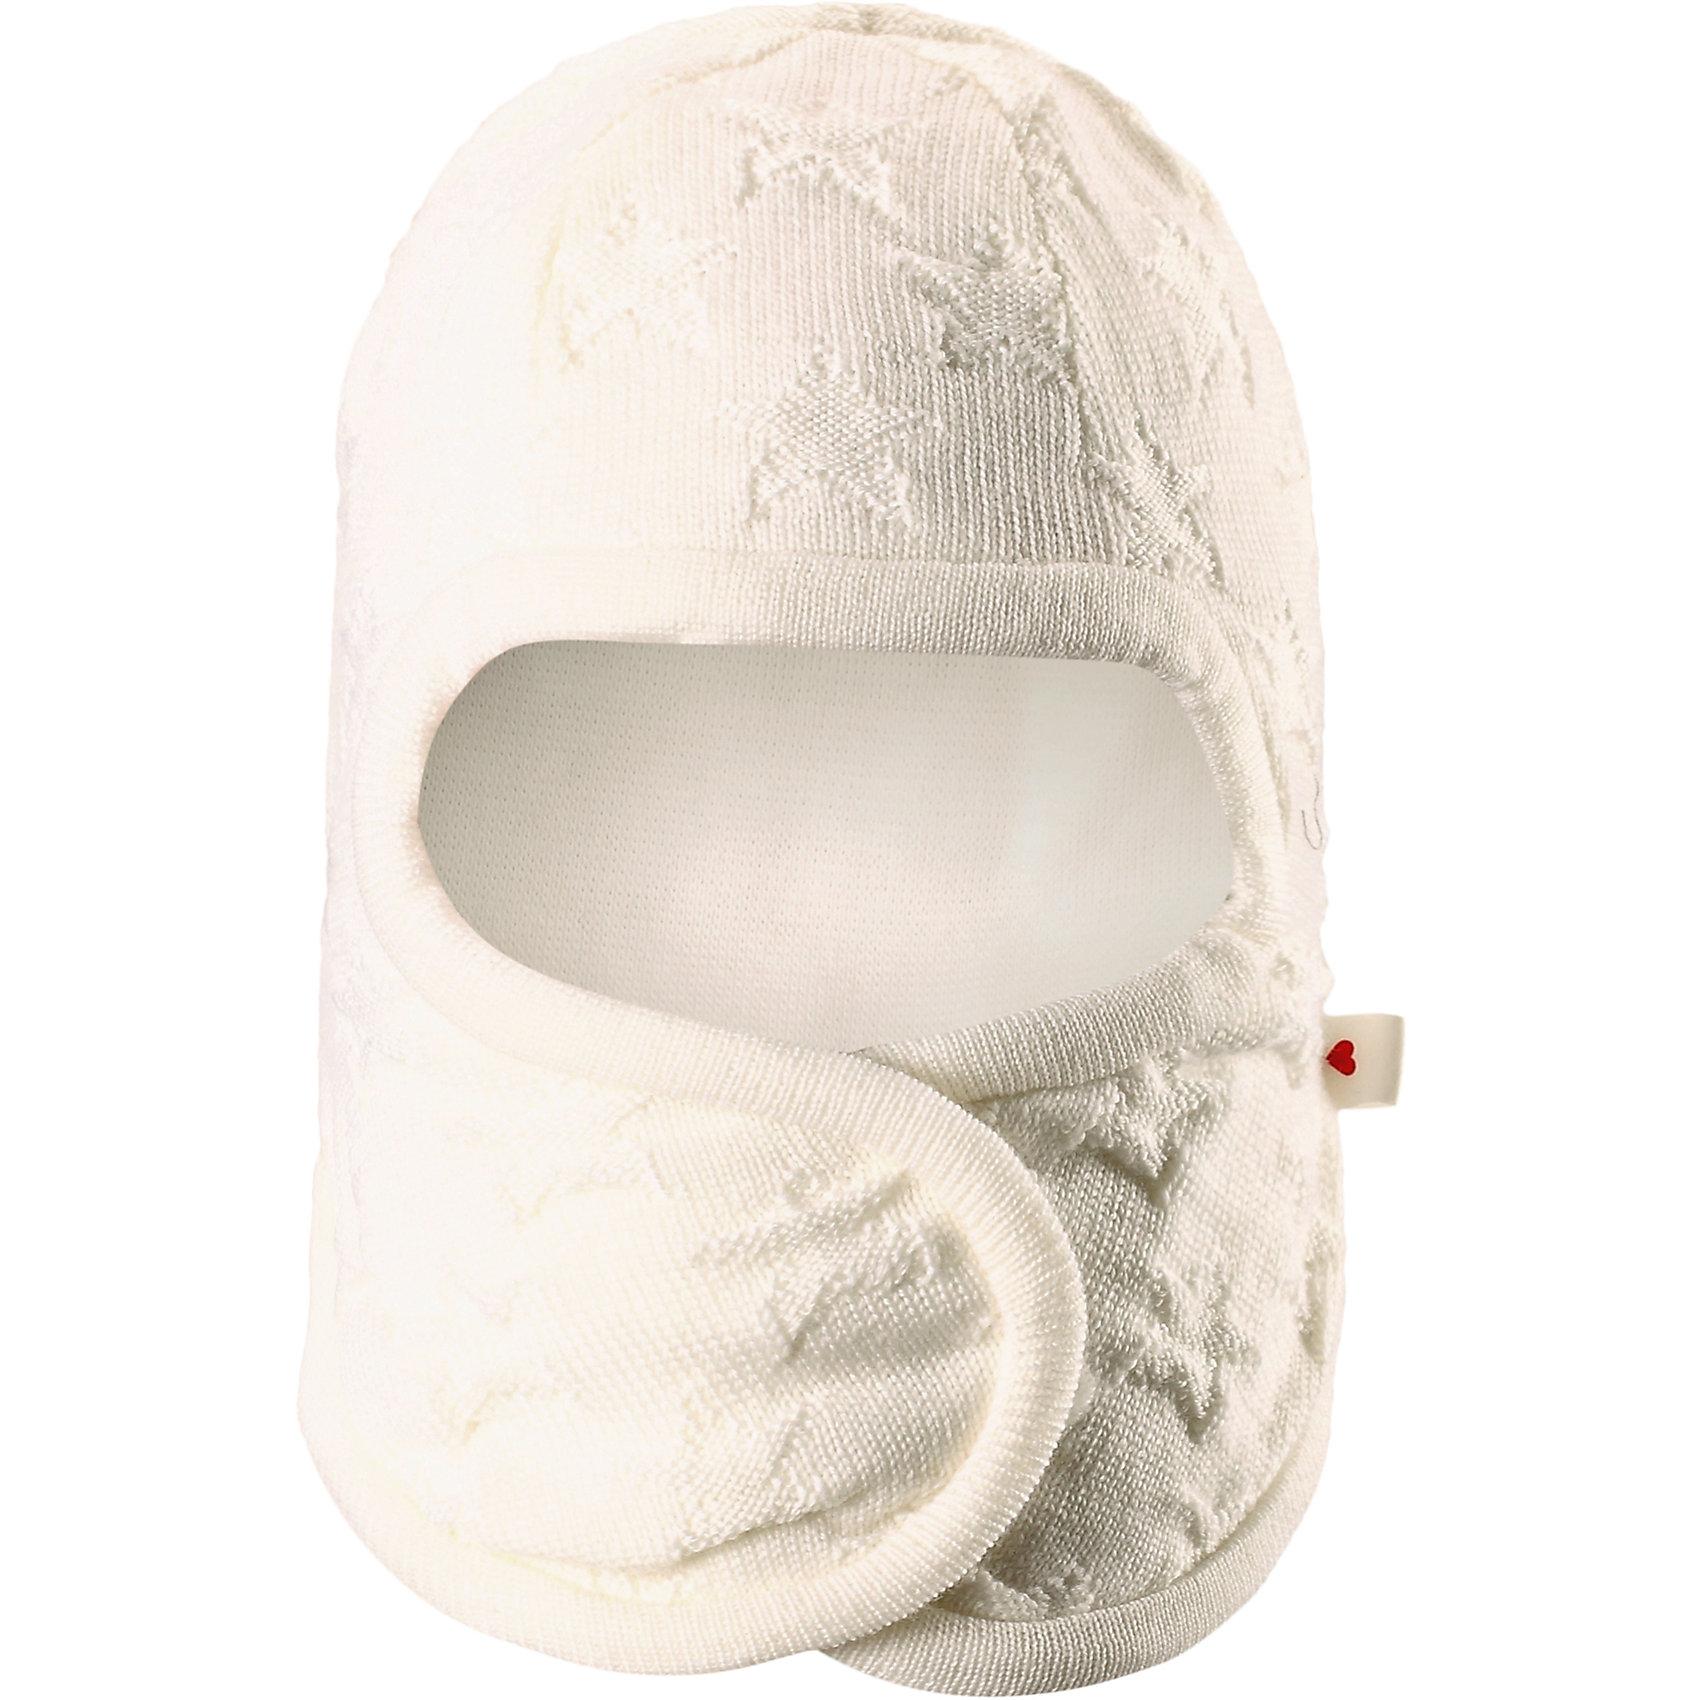 Шапка-шлем Littlest ReimaШапка  Reima<br>Шапка-шлем для самых маленьких. Ткань из смеси мериносовой шерсти сохраняет тепло даже при намокании. Шерсть идеально поддерживает температуру. Товар сертифицирован Oeko-Tex, класс 1, одежда для малышей. Мягкая подкладка из хлопка и эластанаЗадние швы отсутствуют. Застежка на липучке спереди. Логотип Reima® сбоку. Милый вязаный узор. Интересная структура поверхности.<br>Уход:<br>Стирать по отдельности, вывернув наизнанку. Придать первоначальную форму вo влажном виде. Возможна усадка 5 %.<br>Состав:<br>100% Шерсть<br><br>Ширина мм: 89<br>Глубина мм: 117<br>Высота мм: 44<br>Вес г: 155<br>Цвет: белый<br>Возраст от месяцев: 2<br>Возраст до месяцев: 4<br>Пол: Женский<br>Возраст: Детский<br>Размер: 40-42,36-38,44-46<br>SKU: 4775571